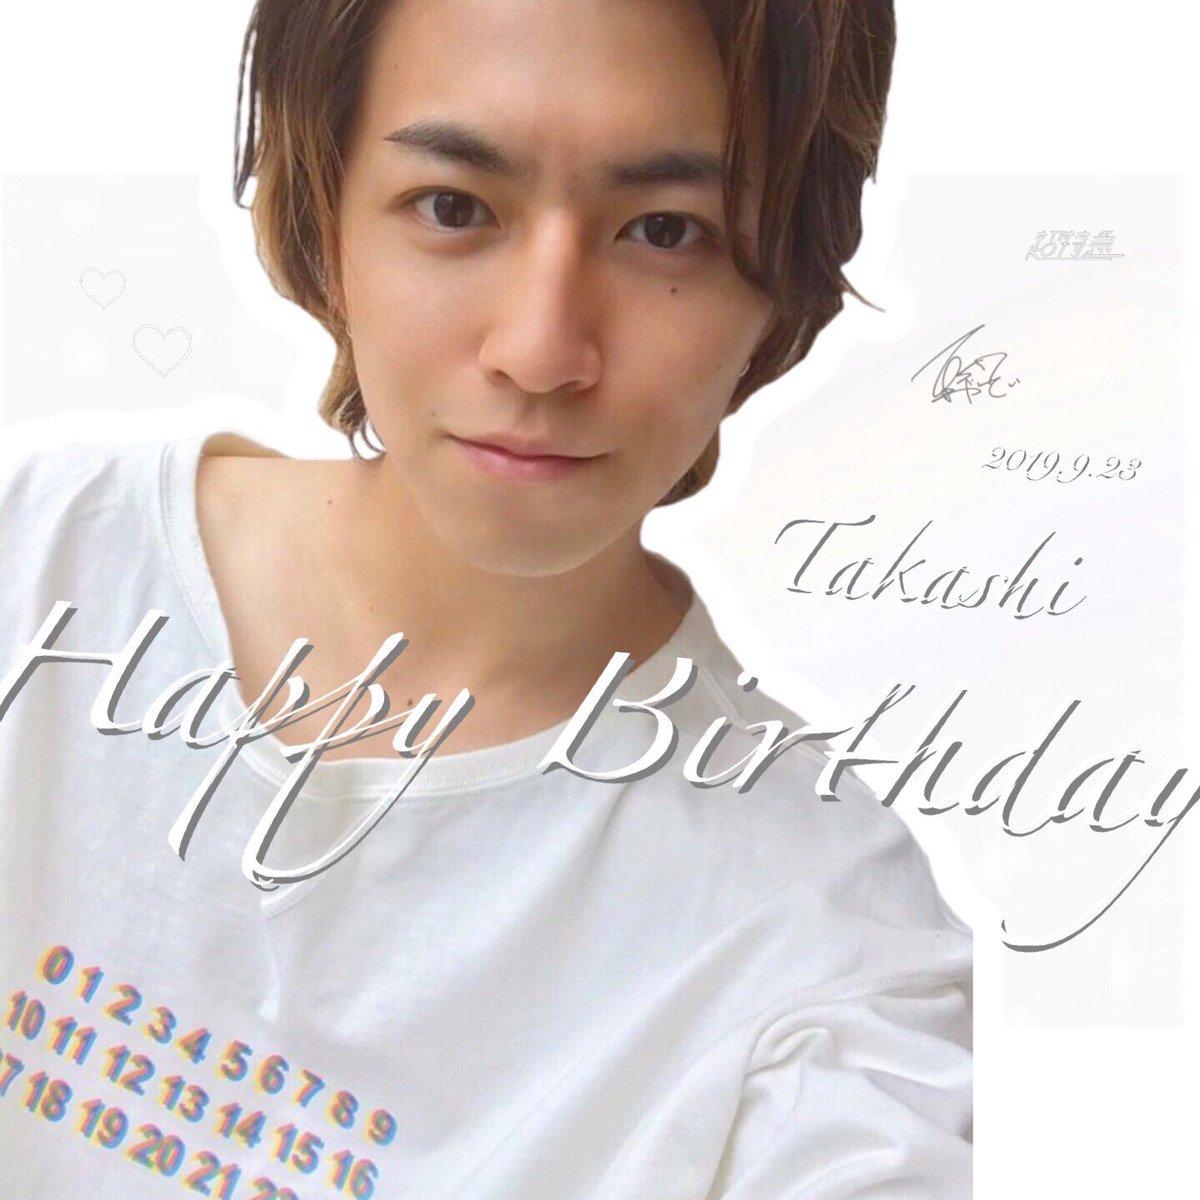 お誕生日おめでとうございます👏🏻( ˊᵕˋ )!!!!!!🎉🎂🎁💐✨🎤 ♡ 素敵な一年になりますように…。 #超特急  #タカシ  #やでちゃん  #2019年  #9月23日  #23th